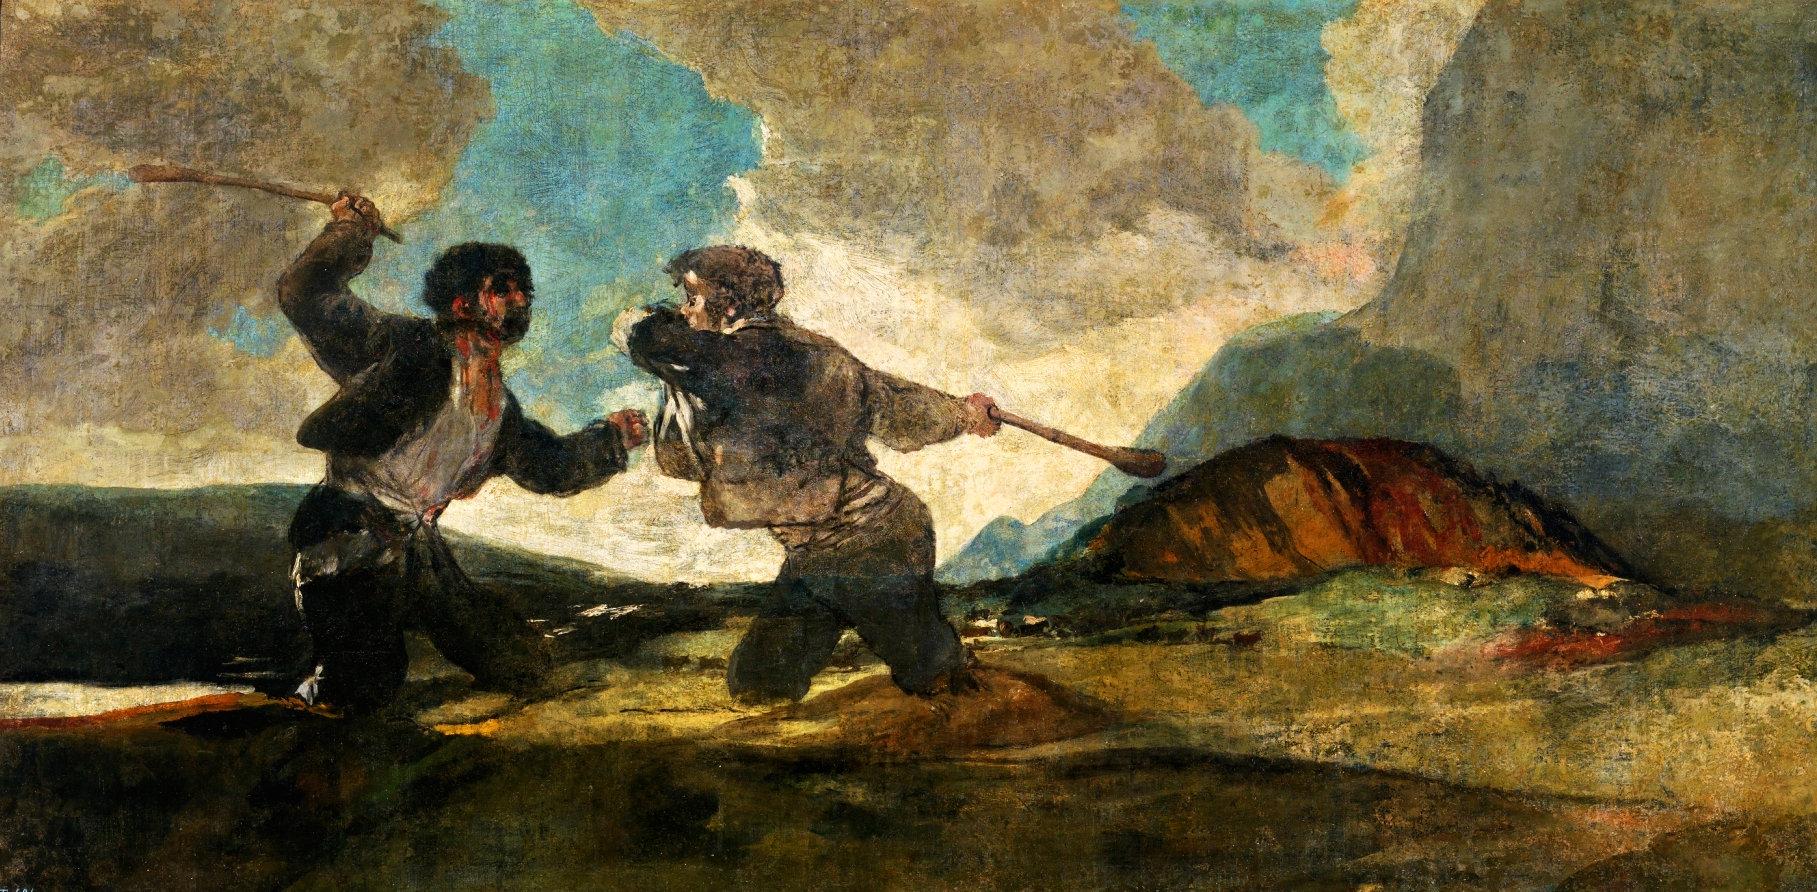 Duelo a Garrotazos de Goya